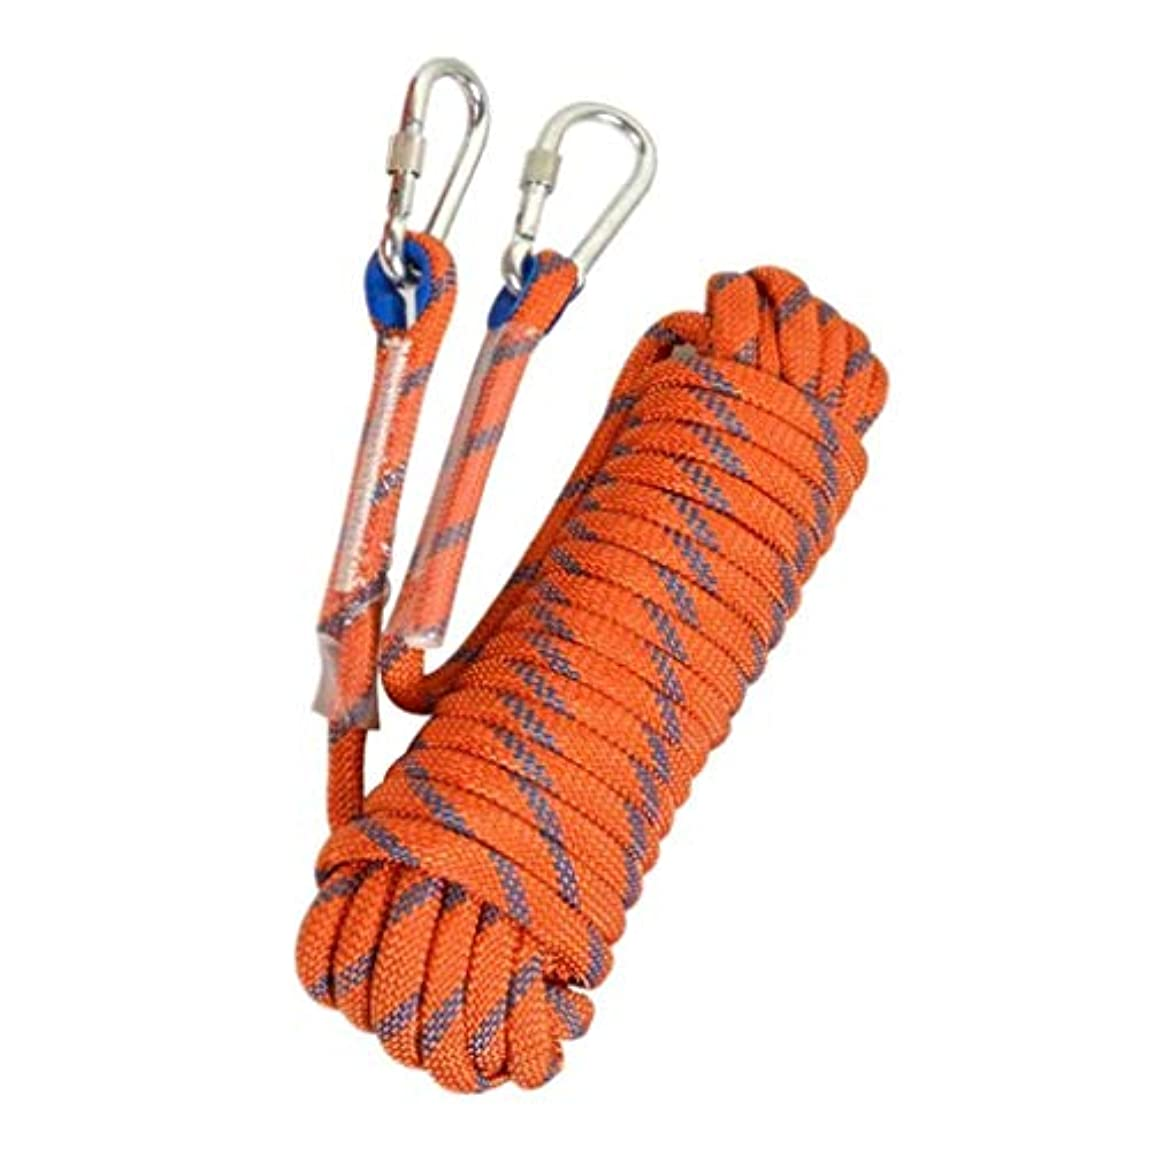 責任扇動する会計士ロッククライミングロープメーター、屋外火災エスケープ救助パラシュート静的屋内ロープ、ヘビーデューティロープ、安全耐久性のある高品質